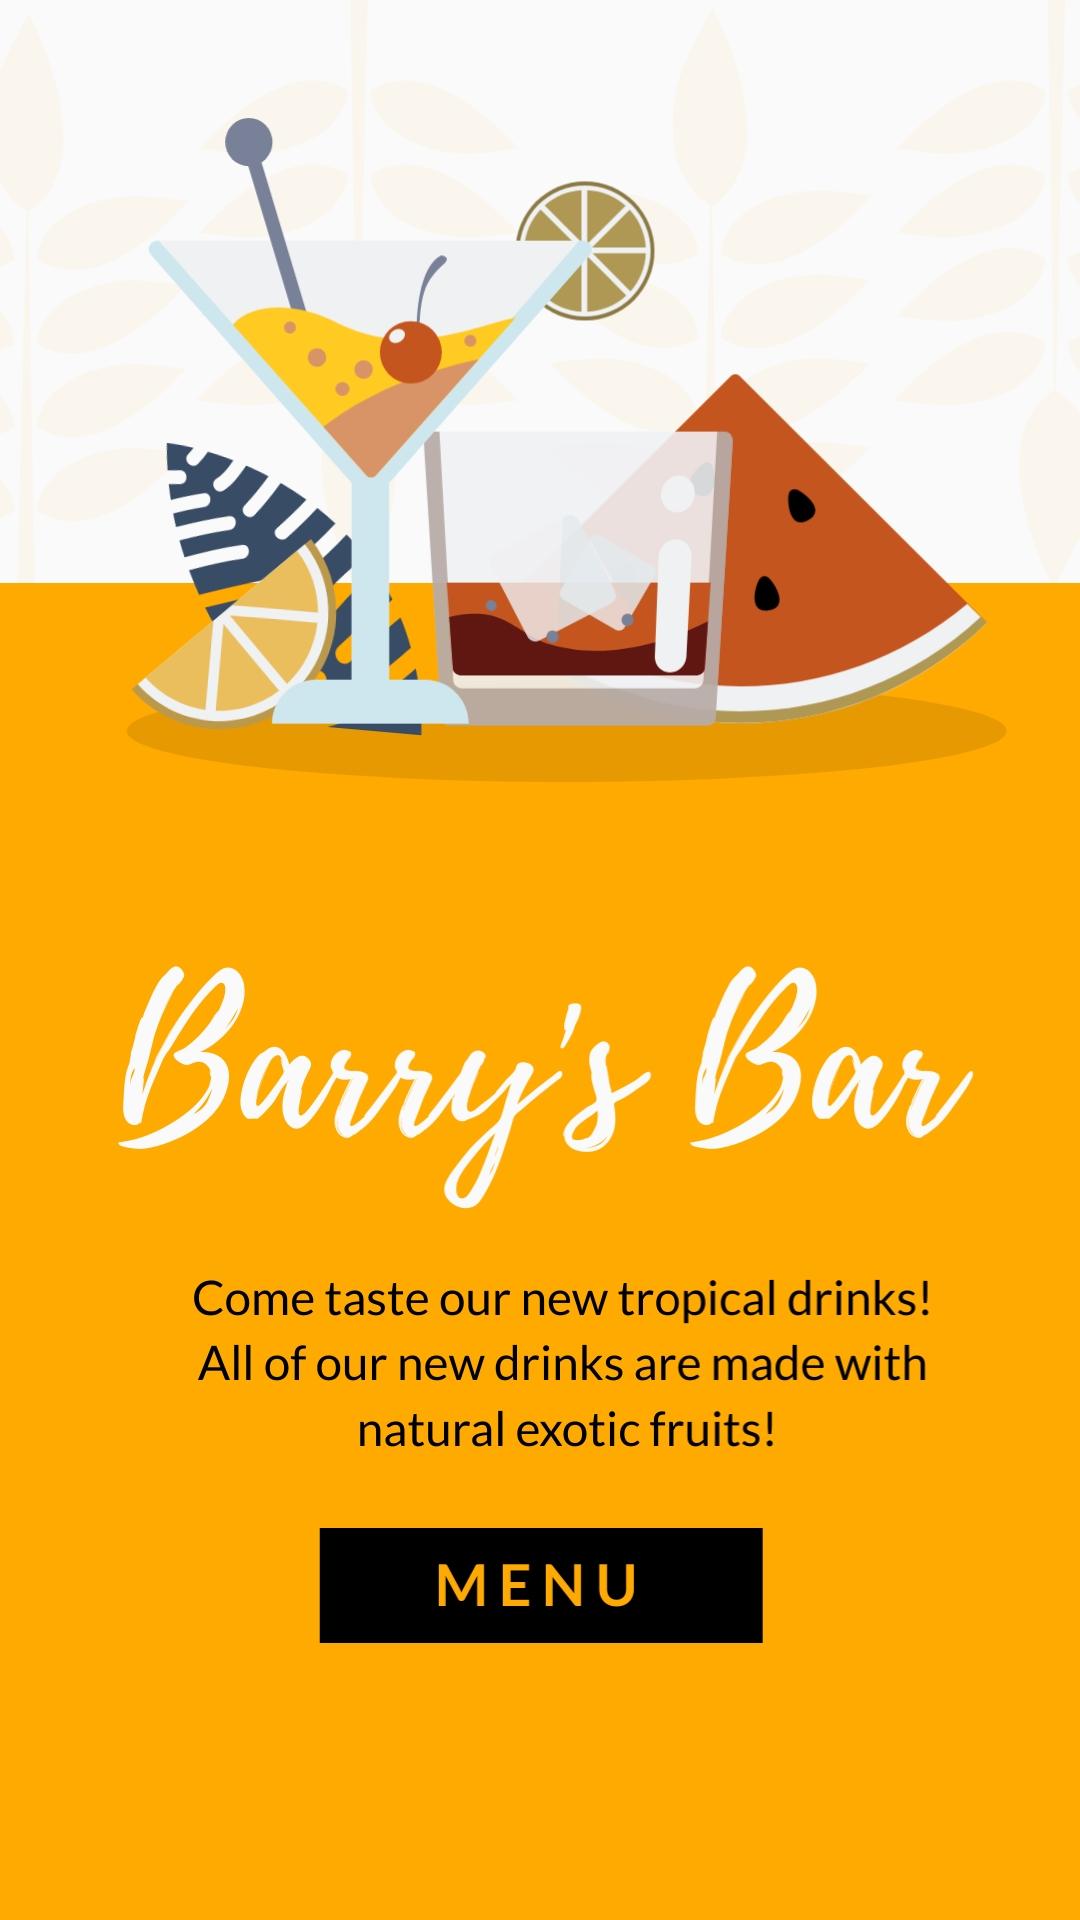 Barrys Bar Vertical Template